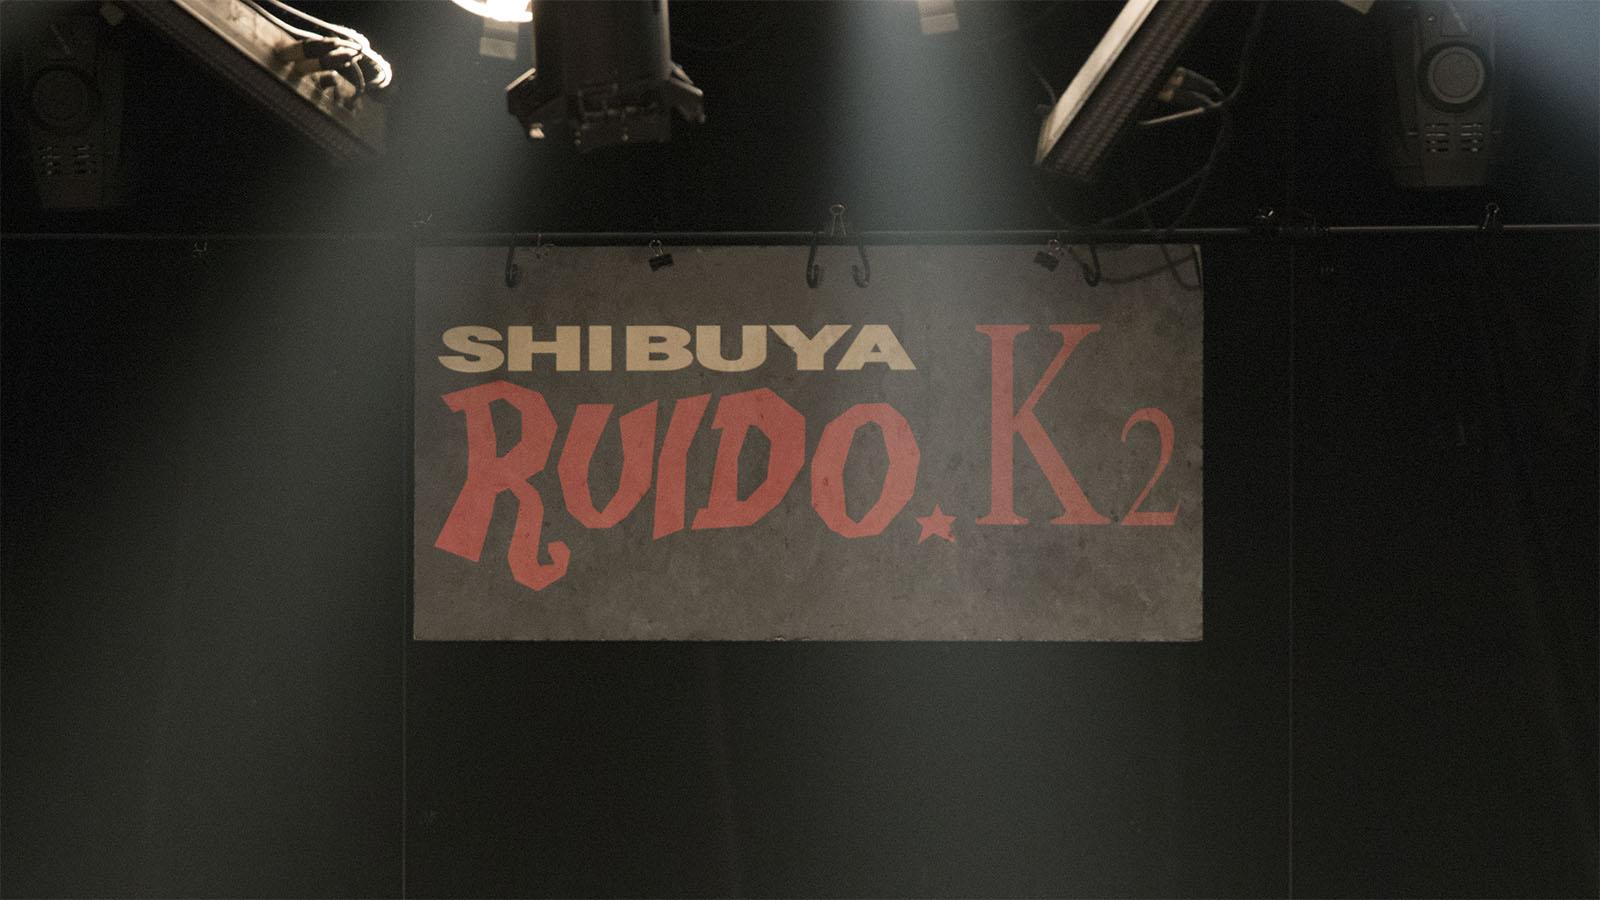 スタマリ STARMARIE heidi. ツーマンライブ 渋谷 RUIDO K2